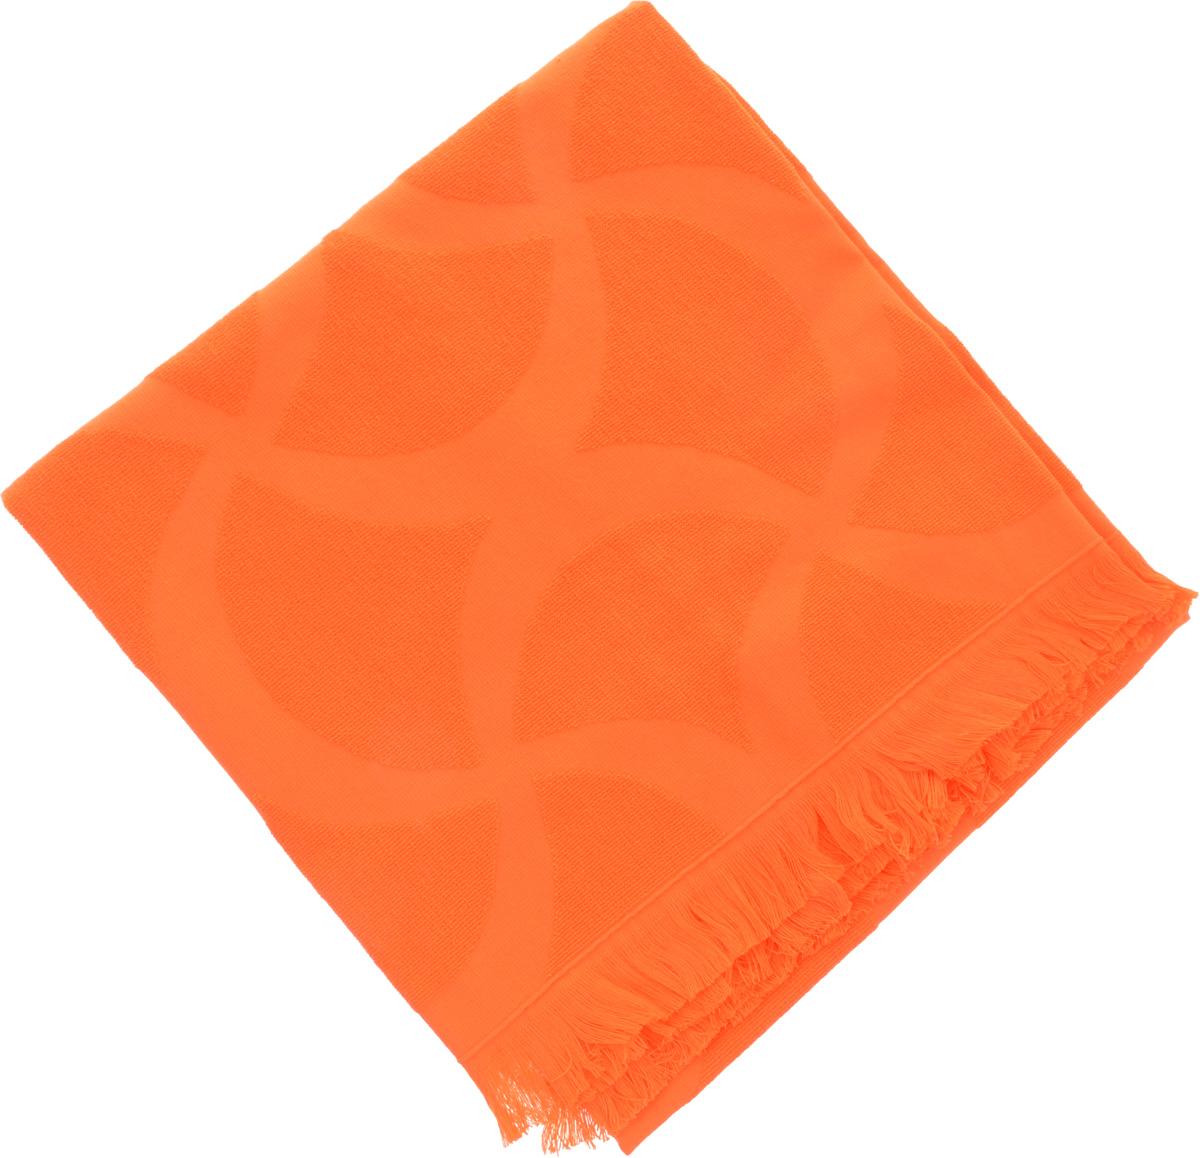 Полотенце Issimo Home Rondelle, цвет: оранжевый, 70 x 140 см5012Полотенце Issimo Home Rondelle выполнено из 100% хлопка. Изделие отлично впитывает влагу, быстро сохнет, сохраняет яркость цвета и не теряет форму даже после многократных стирок. Полотенце очень практично и неприхотливо в уходе. Такое полотенце прекрасно дополнит интерьер ванной комнаты.